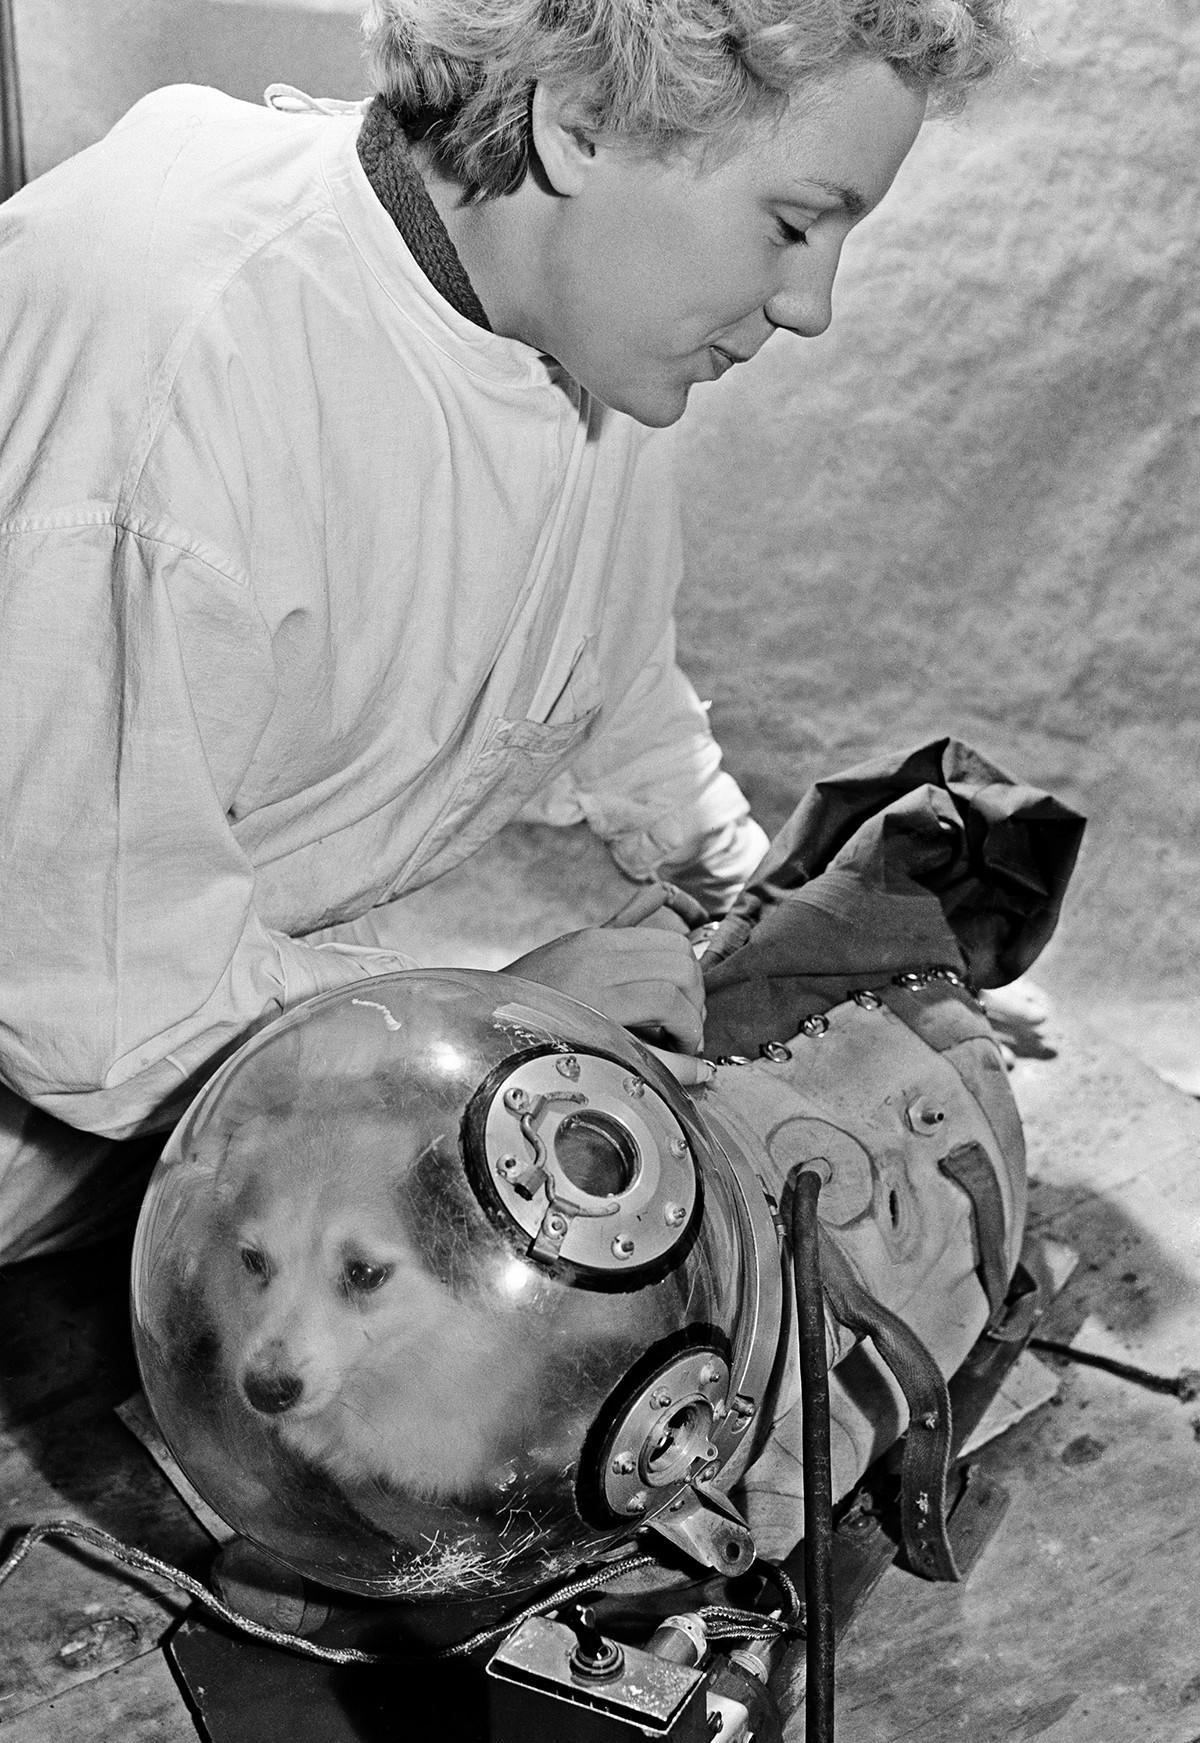 L'assistente di laboratorio Natasha Kazakova addestra il cane cosmonauta Kozjavka per un volo spaziale di prova nel 1959